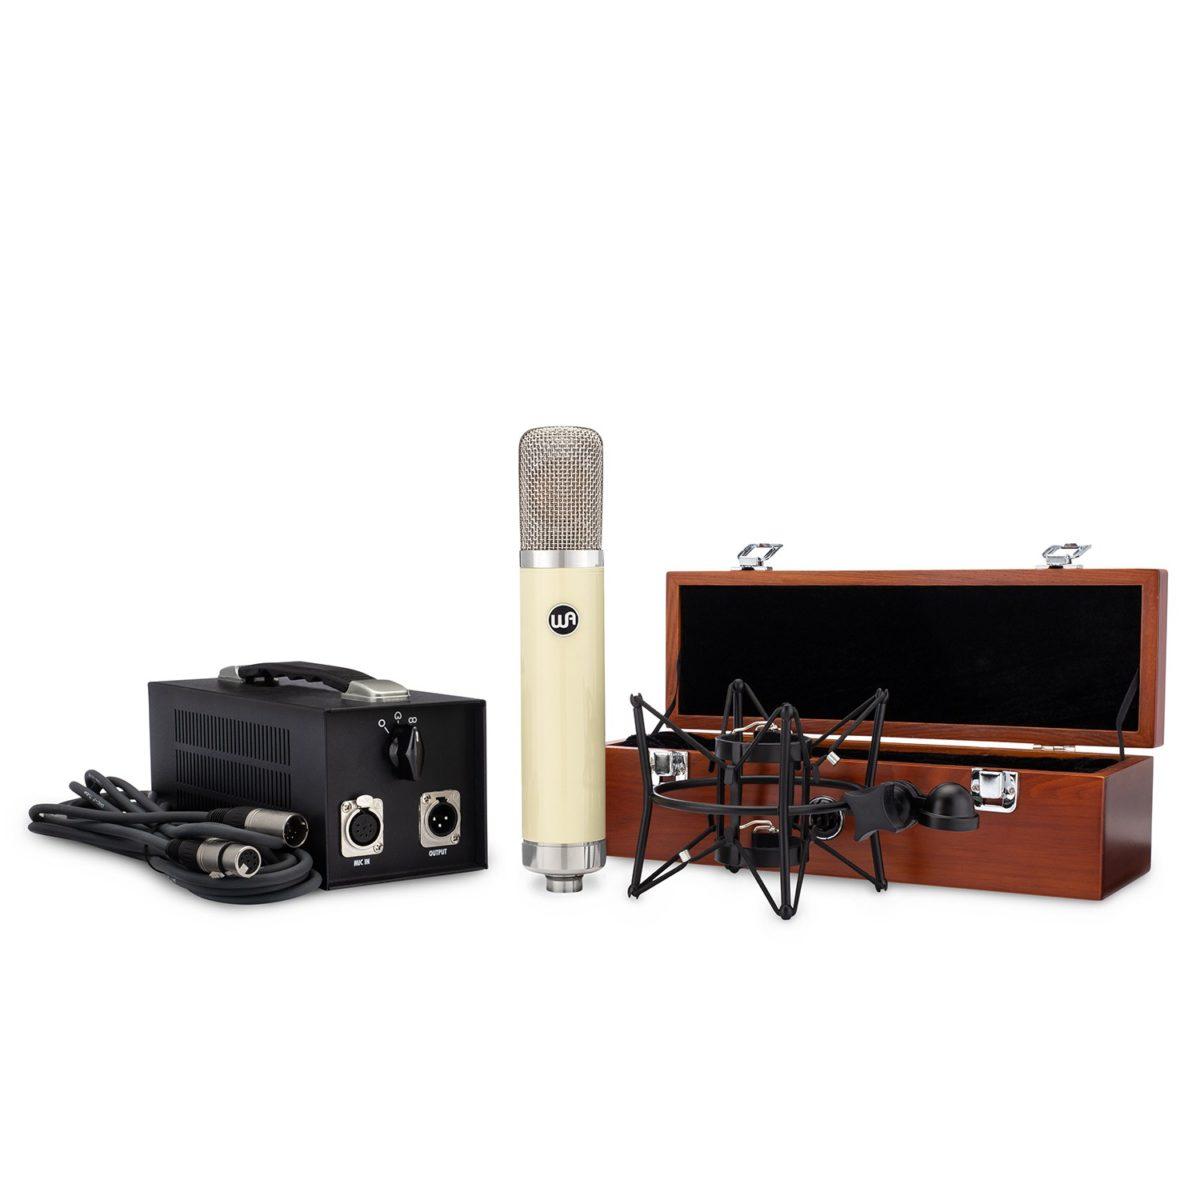 ไมค์อัดเสียง ยี่ห้อ Warm Audio รุ่น WA-251 Condenser